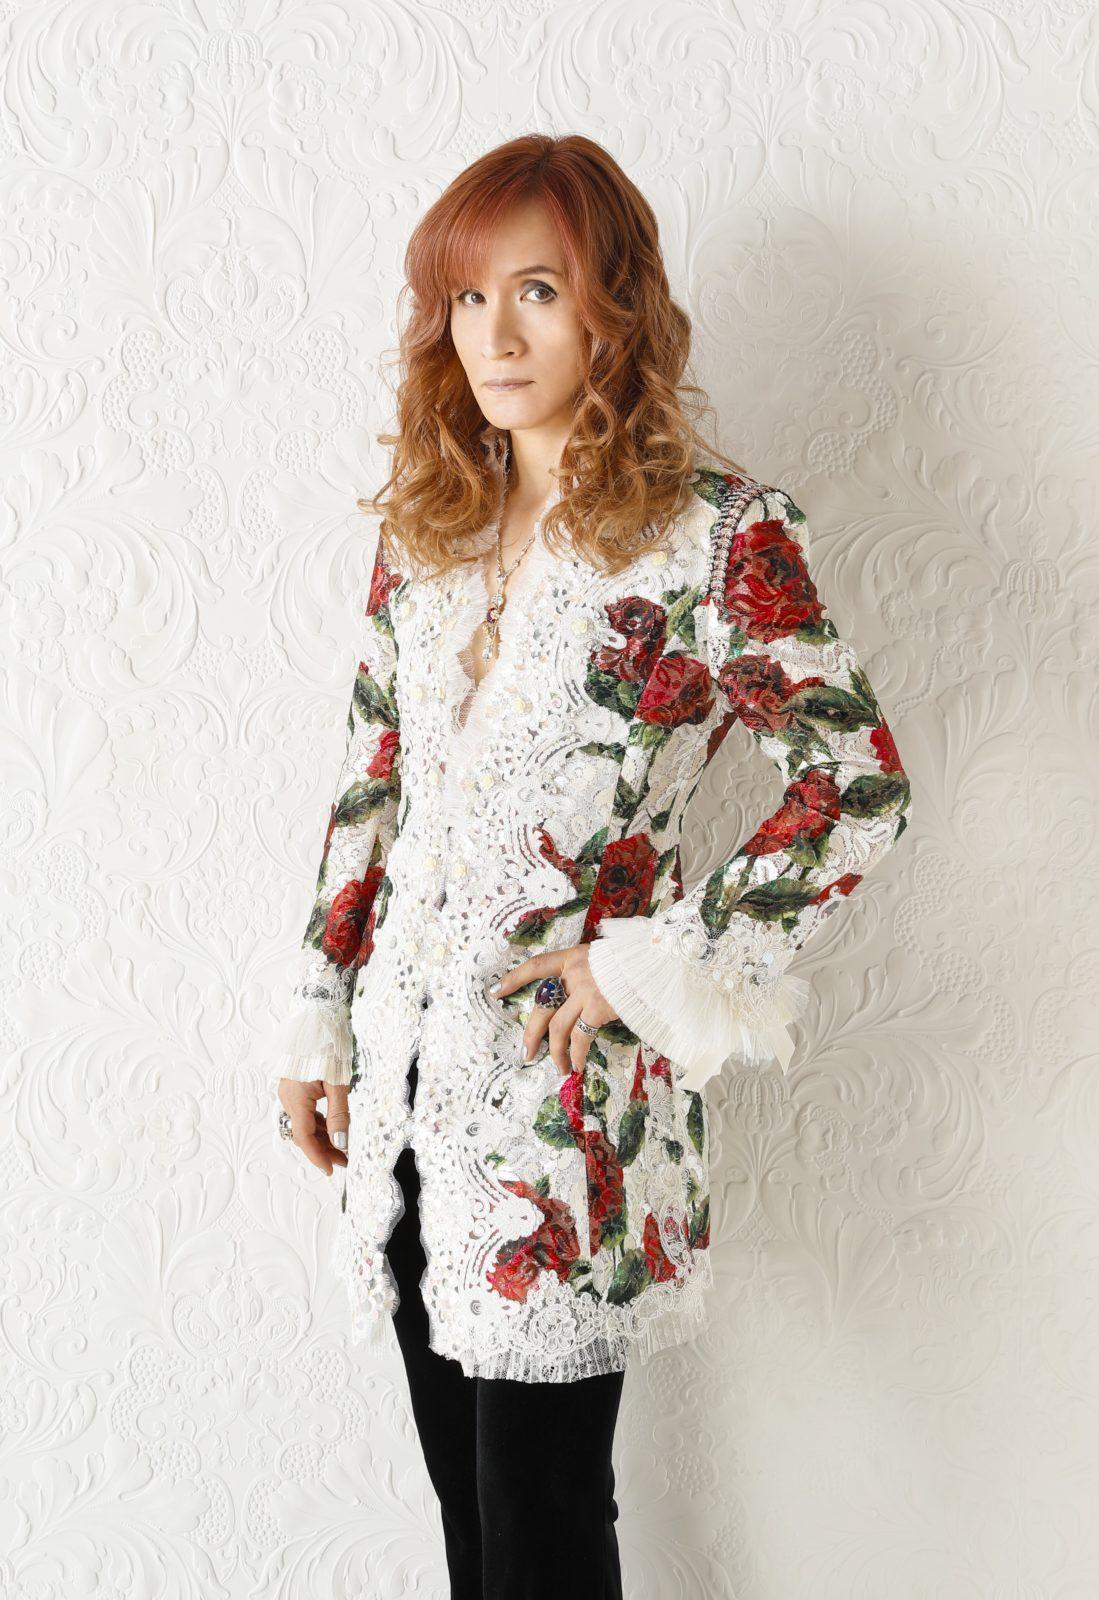 Takamiyこと高見沢俊彦が25周年記念ベストALから未発表曲のMVを解禁サムネイル画像